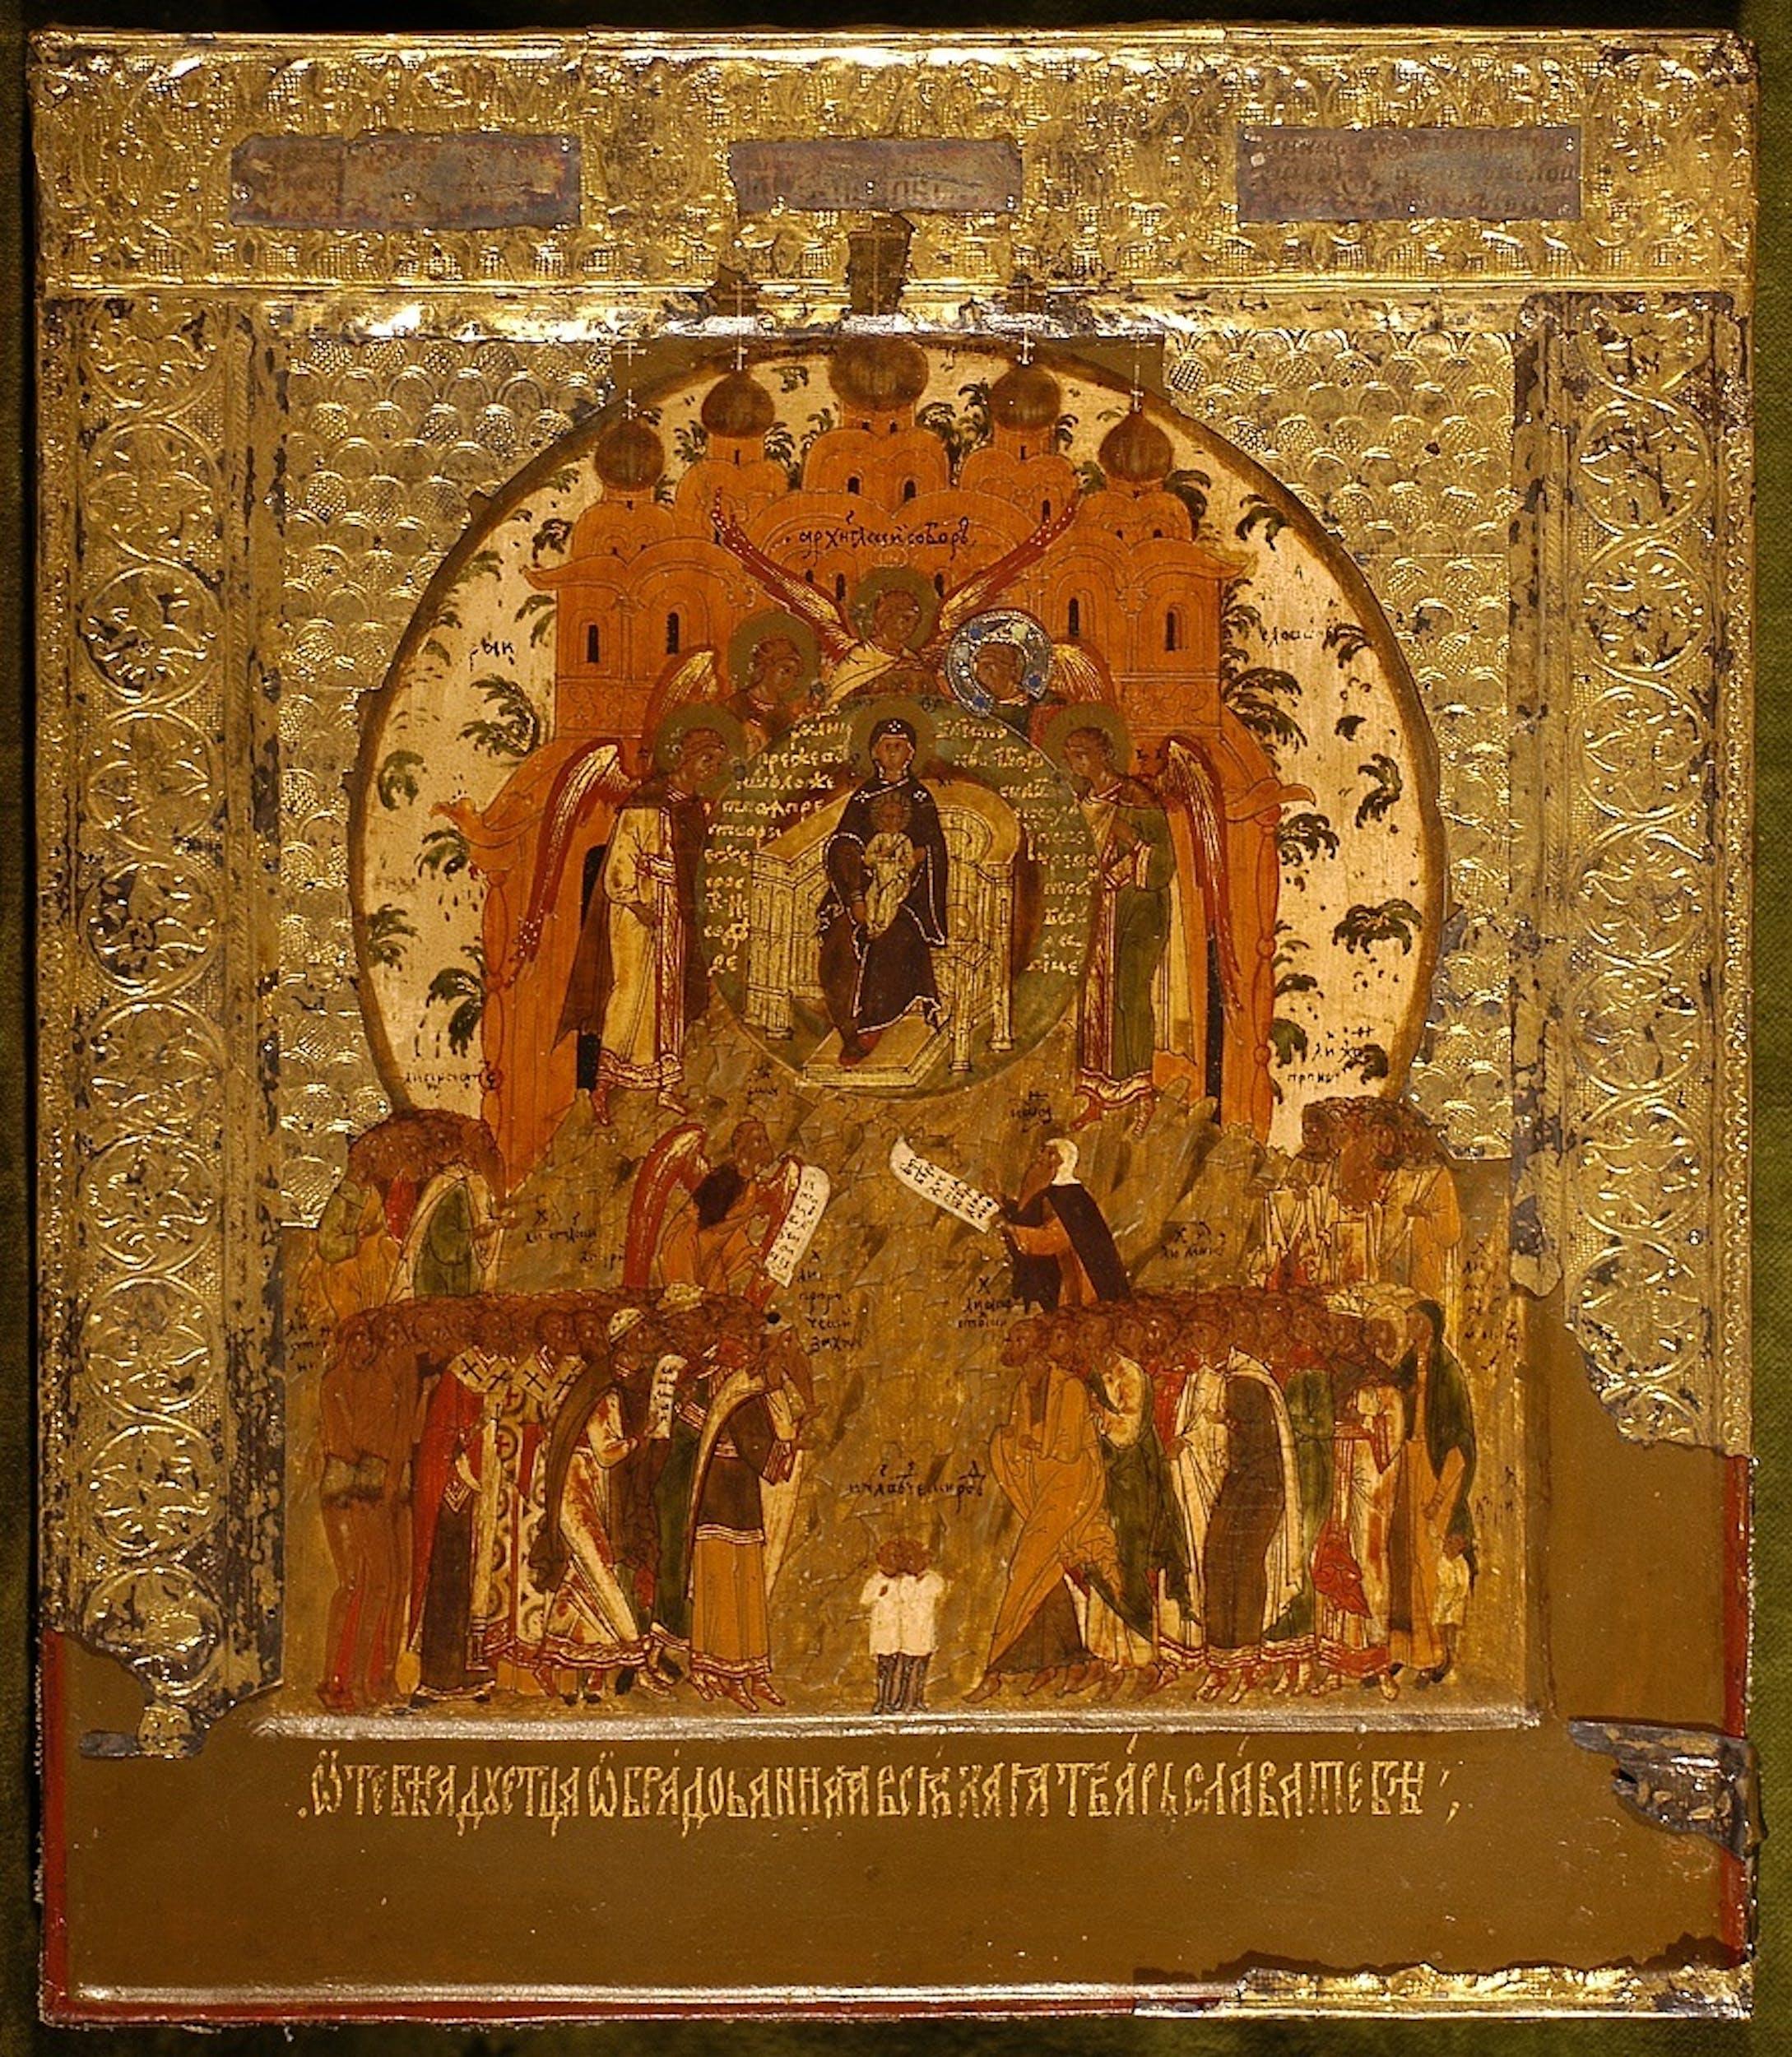 Fig. 6 Bottega moscovita, In te si rallegra ogni creatura, c. 1575-1600, tavola e argento dorato, cm. 31,2 x 26,2, inv. 1890 n. 9354